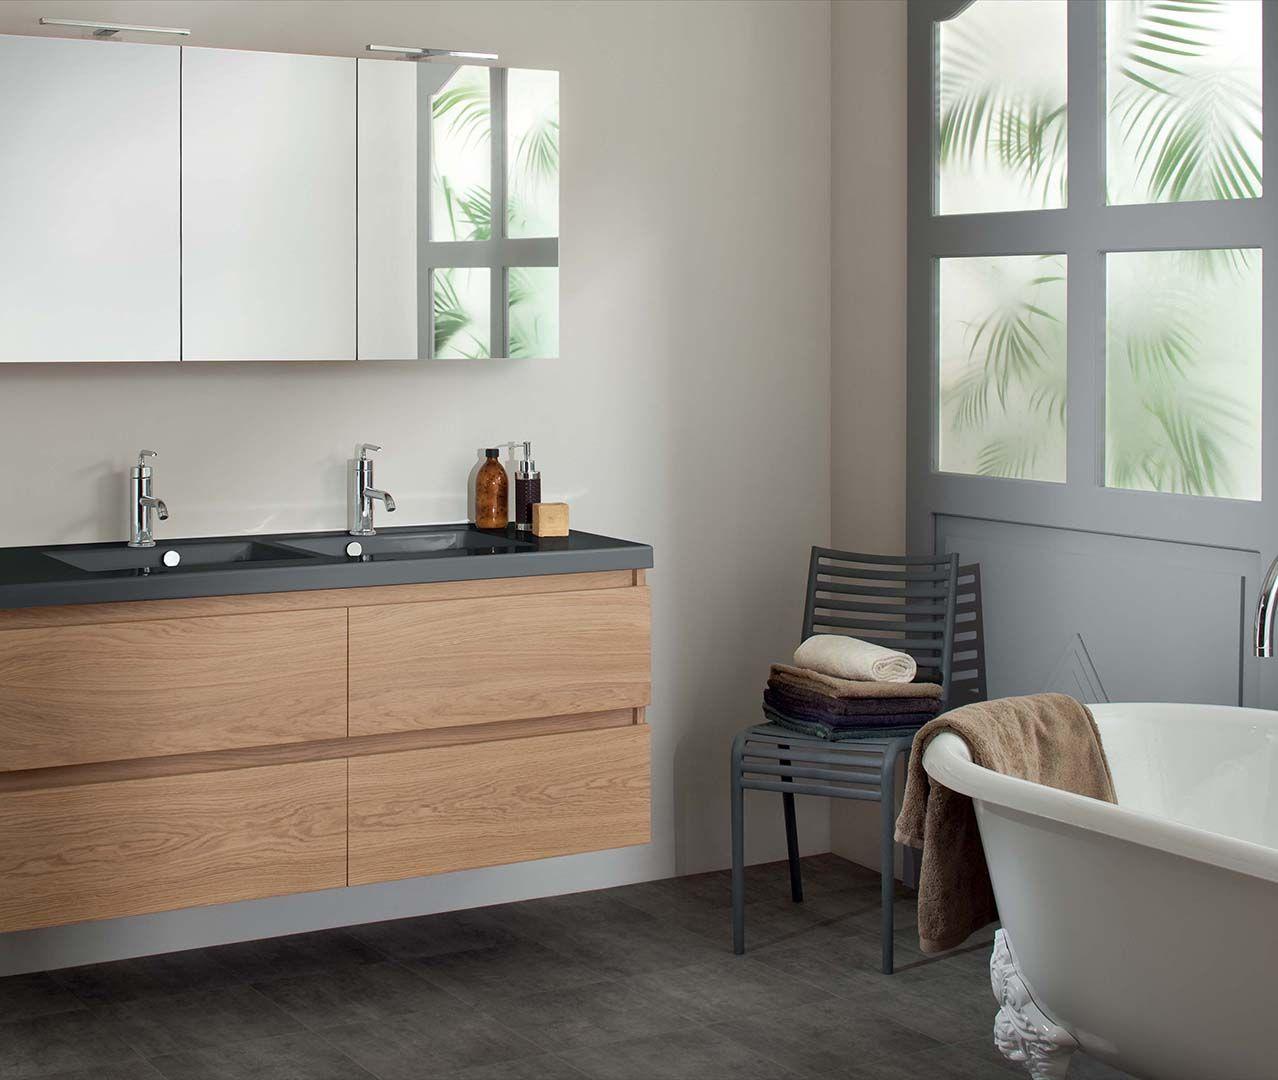 Magasin Salle De Bain Toulouse ~ Modernisez Votre Salle De Bain Avec Une Vasque Rectangulaire En